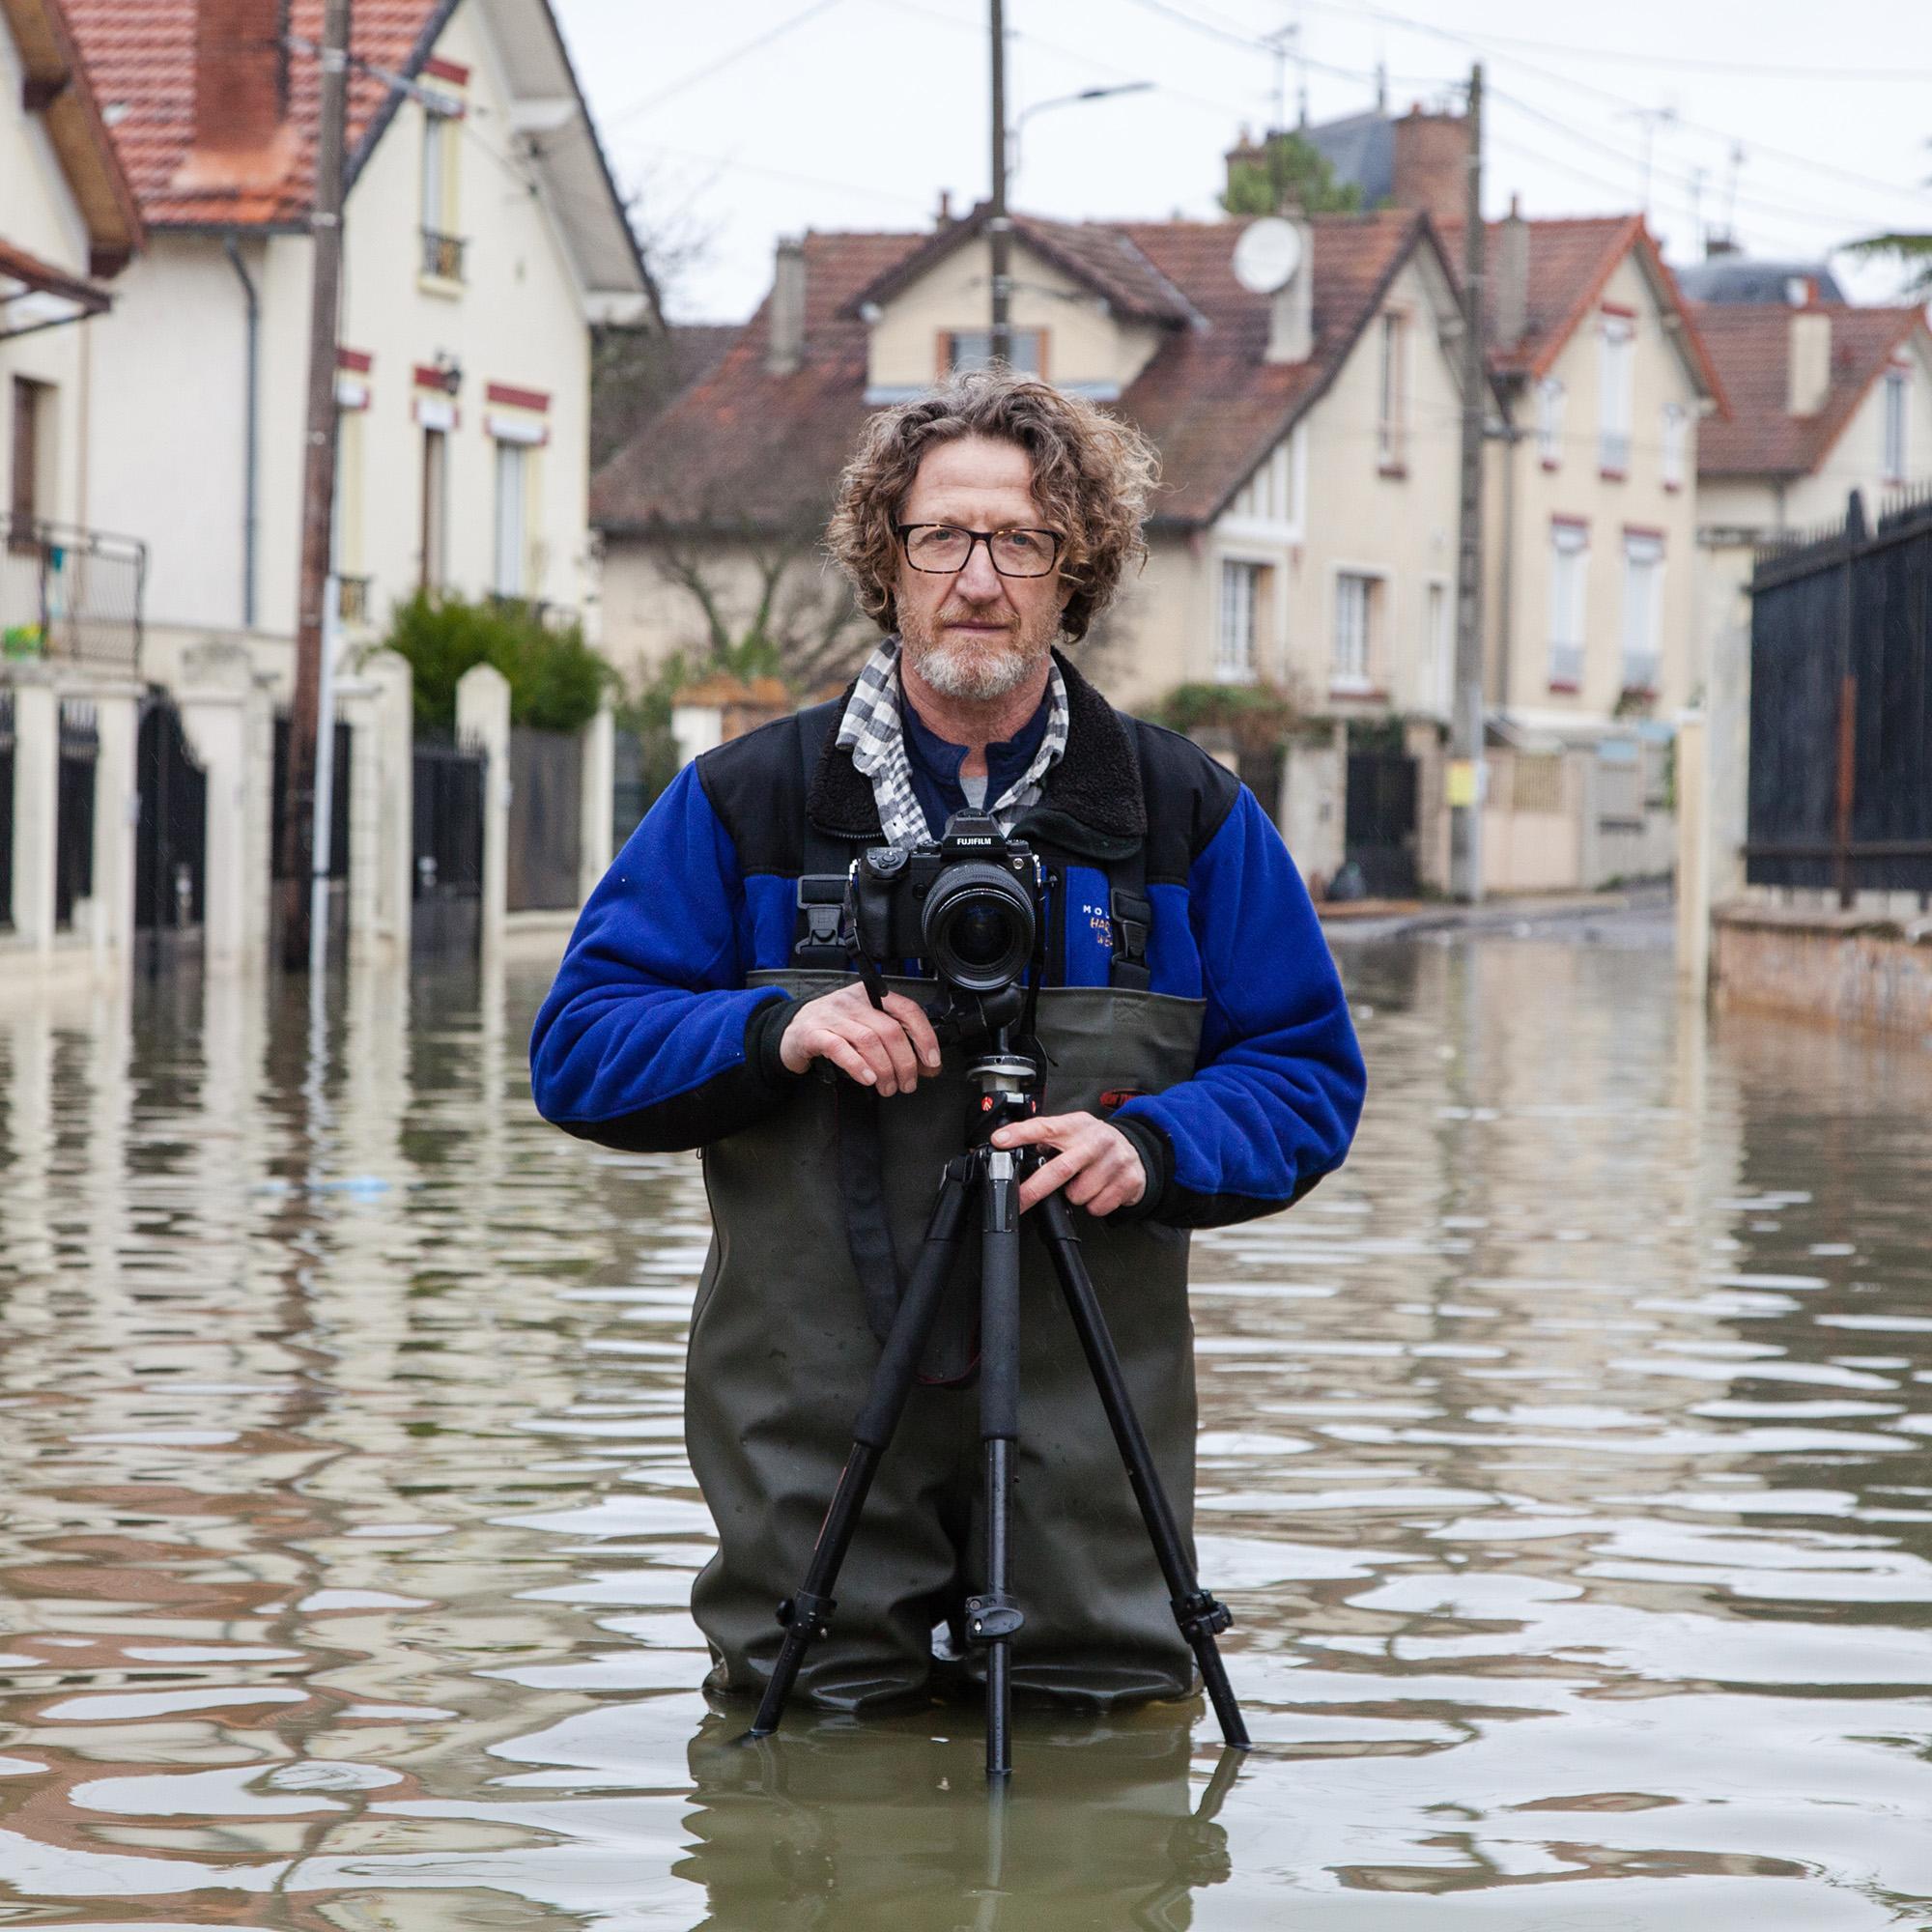 """Portrait du photographe  Gideon Mendel  qui photographie les crues et inondations dans le monde entier pour son projet """"Drowing World"""". A Villeneuve Saint Georges (Val de Marne), pendant la crue de la Seine. Janvier 2018"""